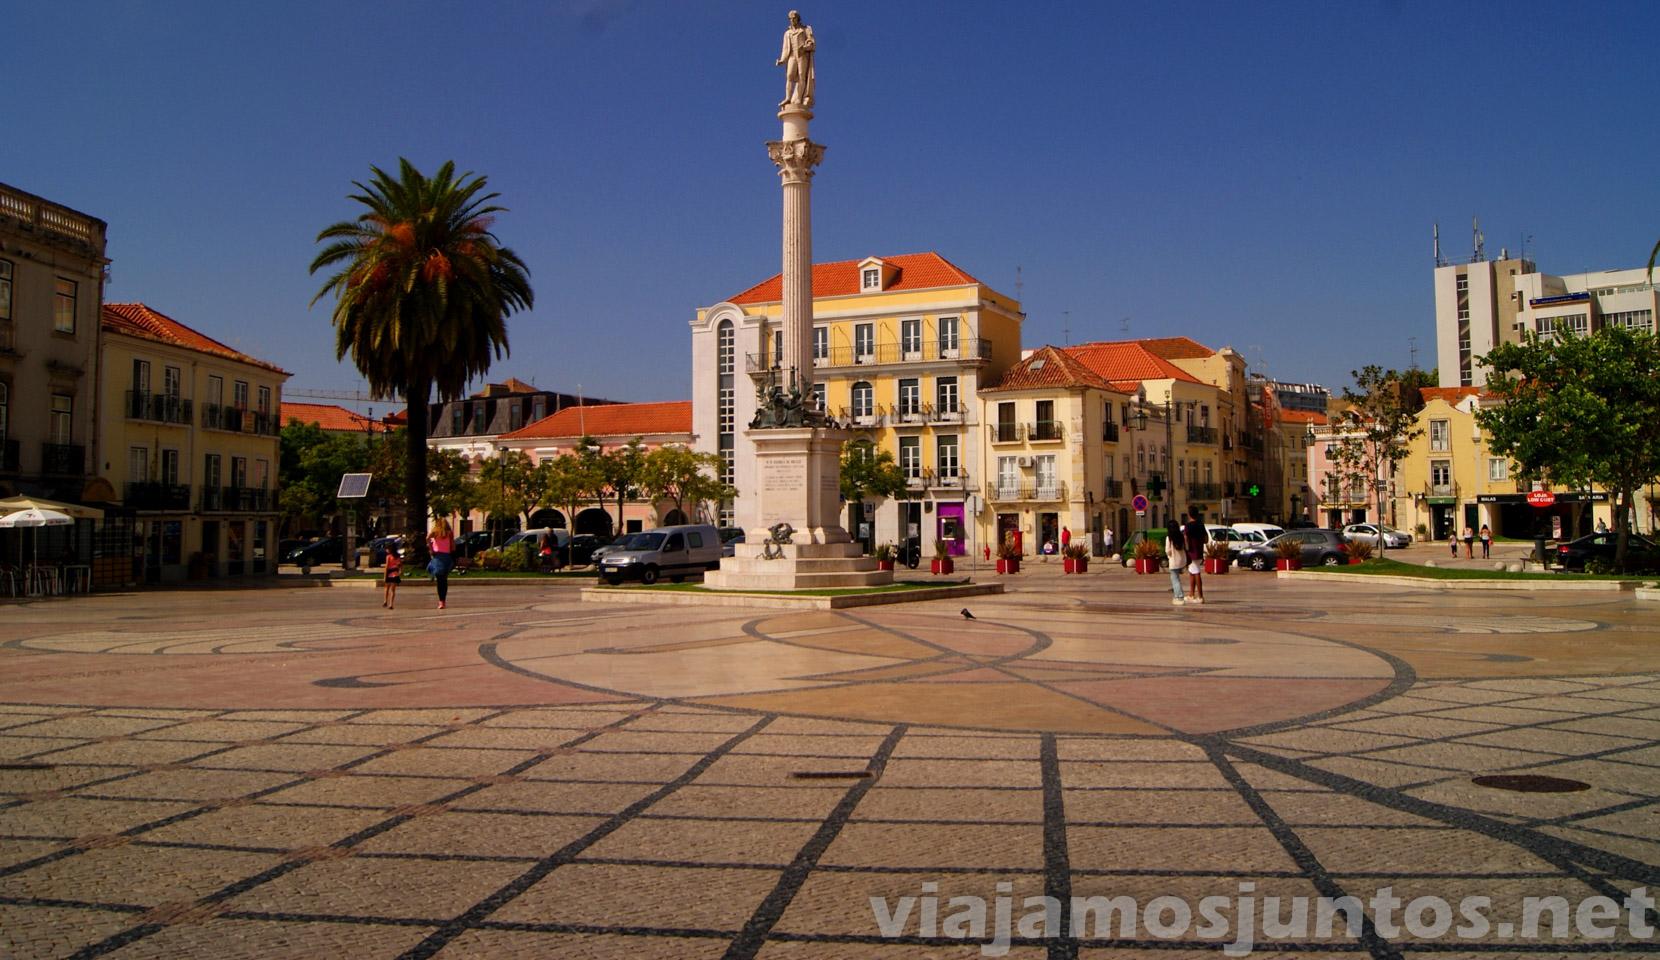 La plaza central, allí donde se juntan todos los turistas, Setubal, Portugal